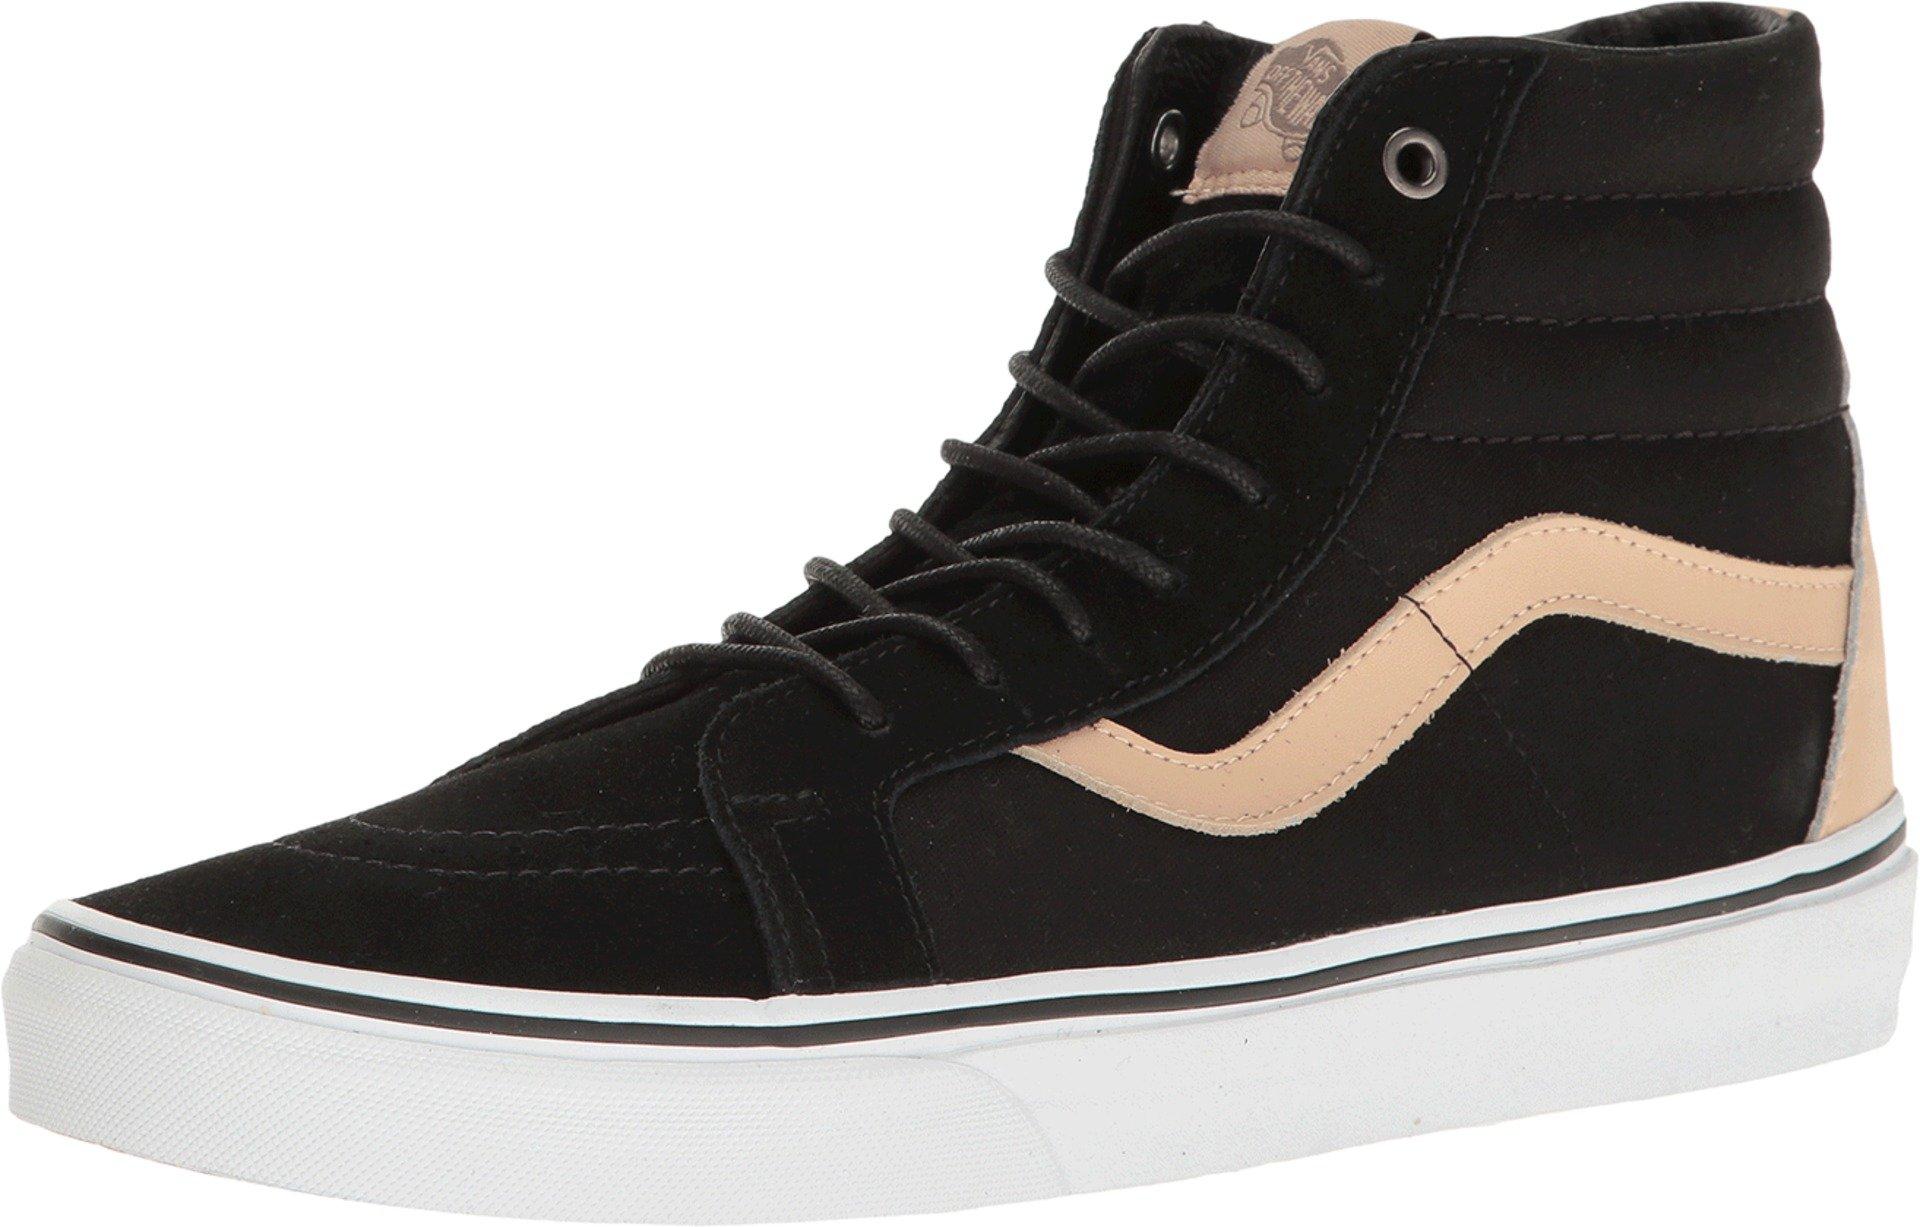 431f9d6a Vans Mens SK8-Hi Reissue (Veggie Tan) Skate Shoes Black/True White 8.5 D(M)  US